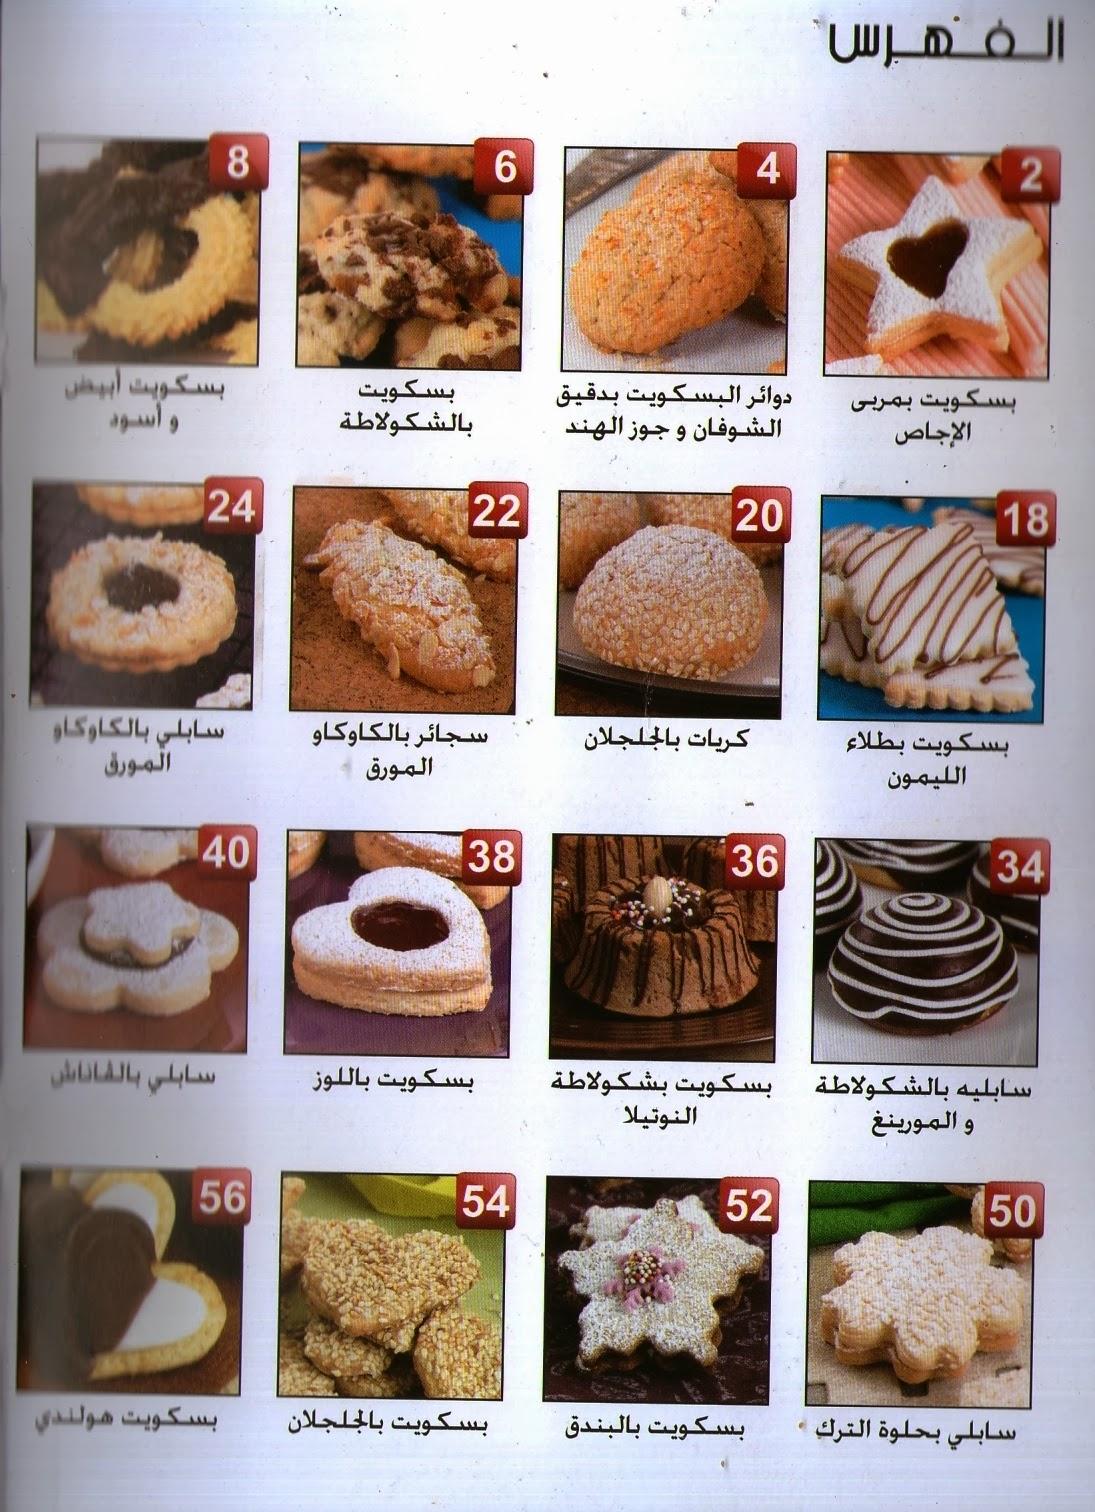 la cuisine alg 233 rienne samira biscuits faciles سميرة البسكويت السهل